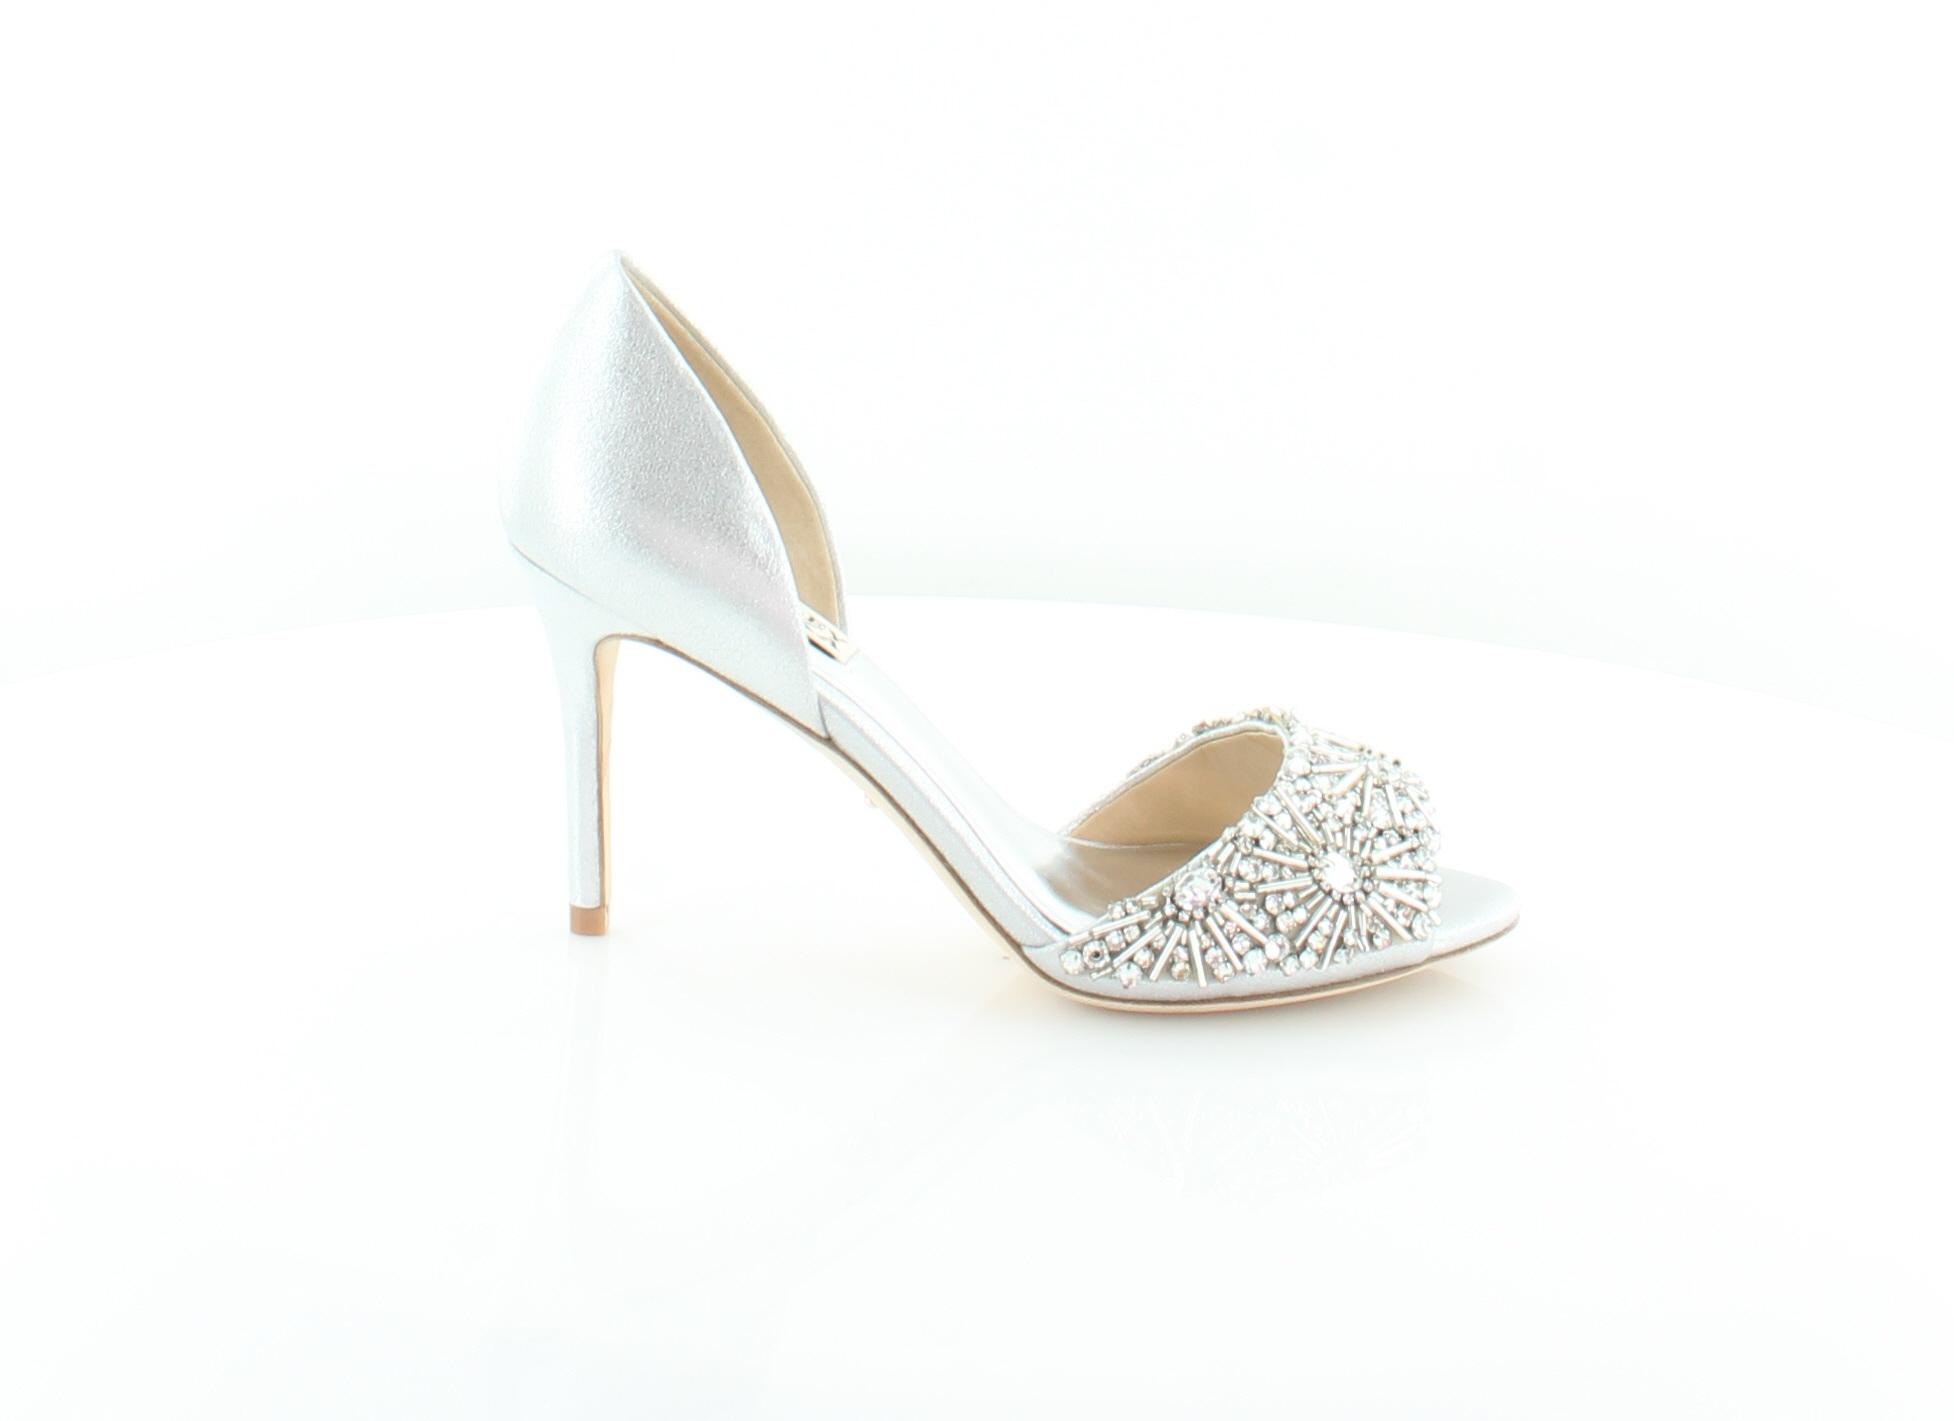 Badgley Mischka New Maria Silber damen schuhe Größe 6.5 M Heels MSRP  235